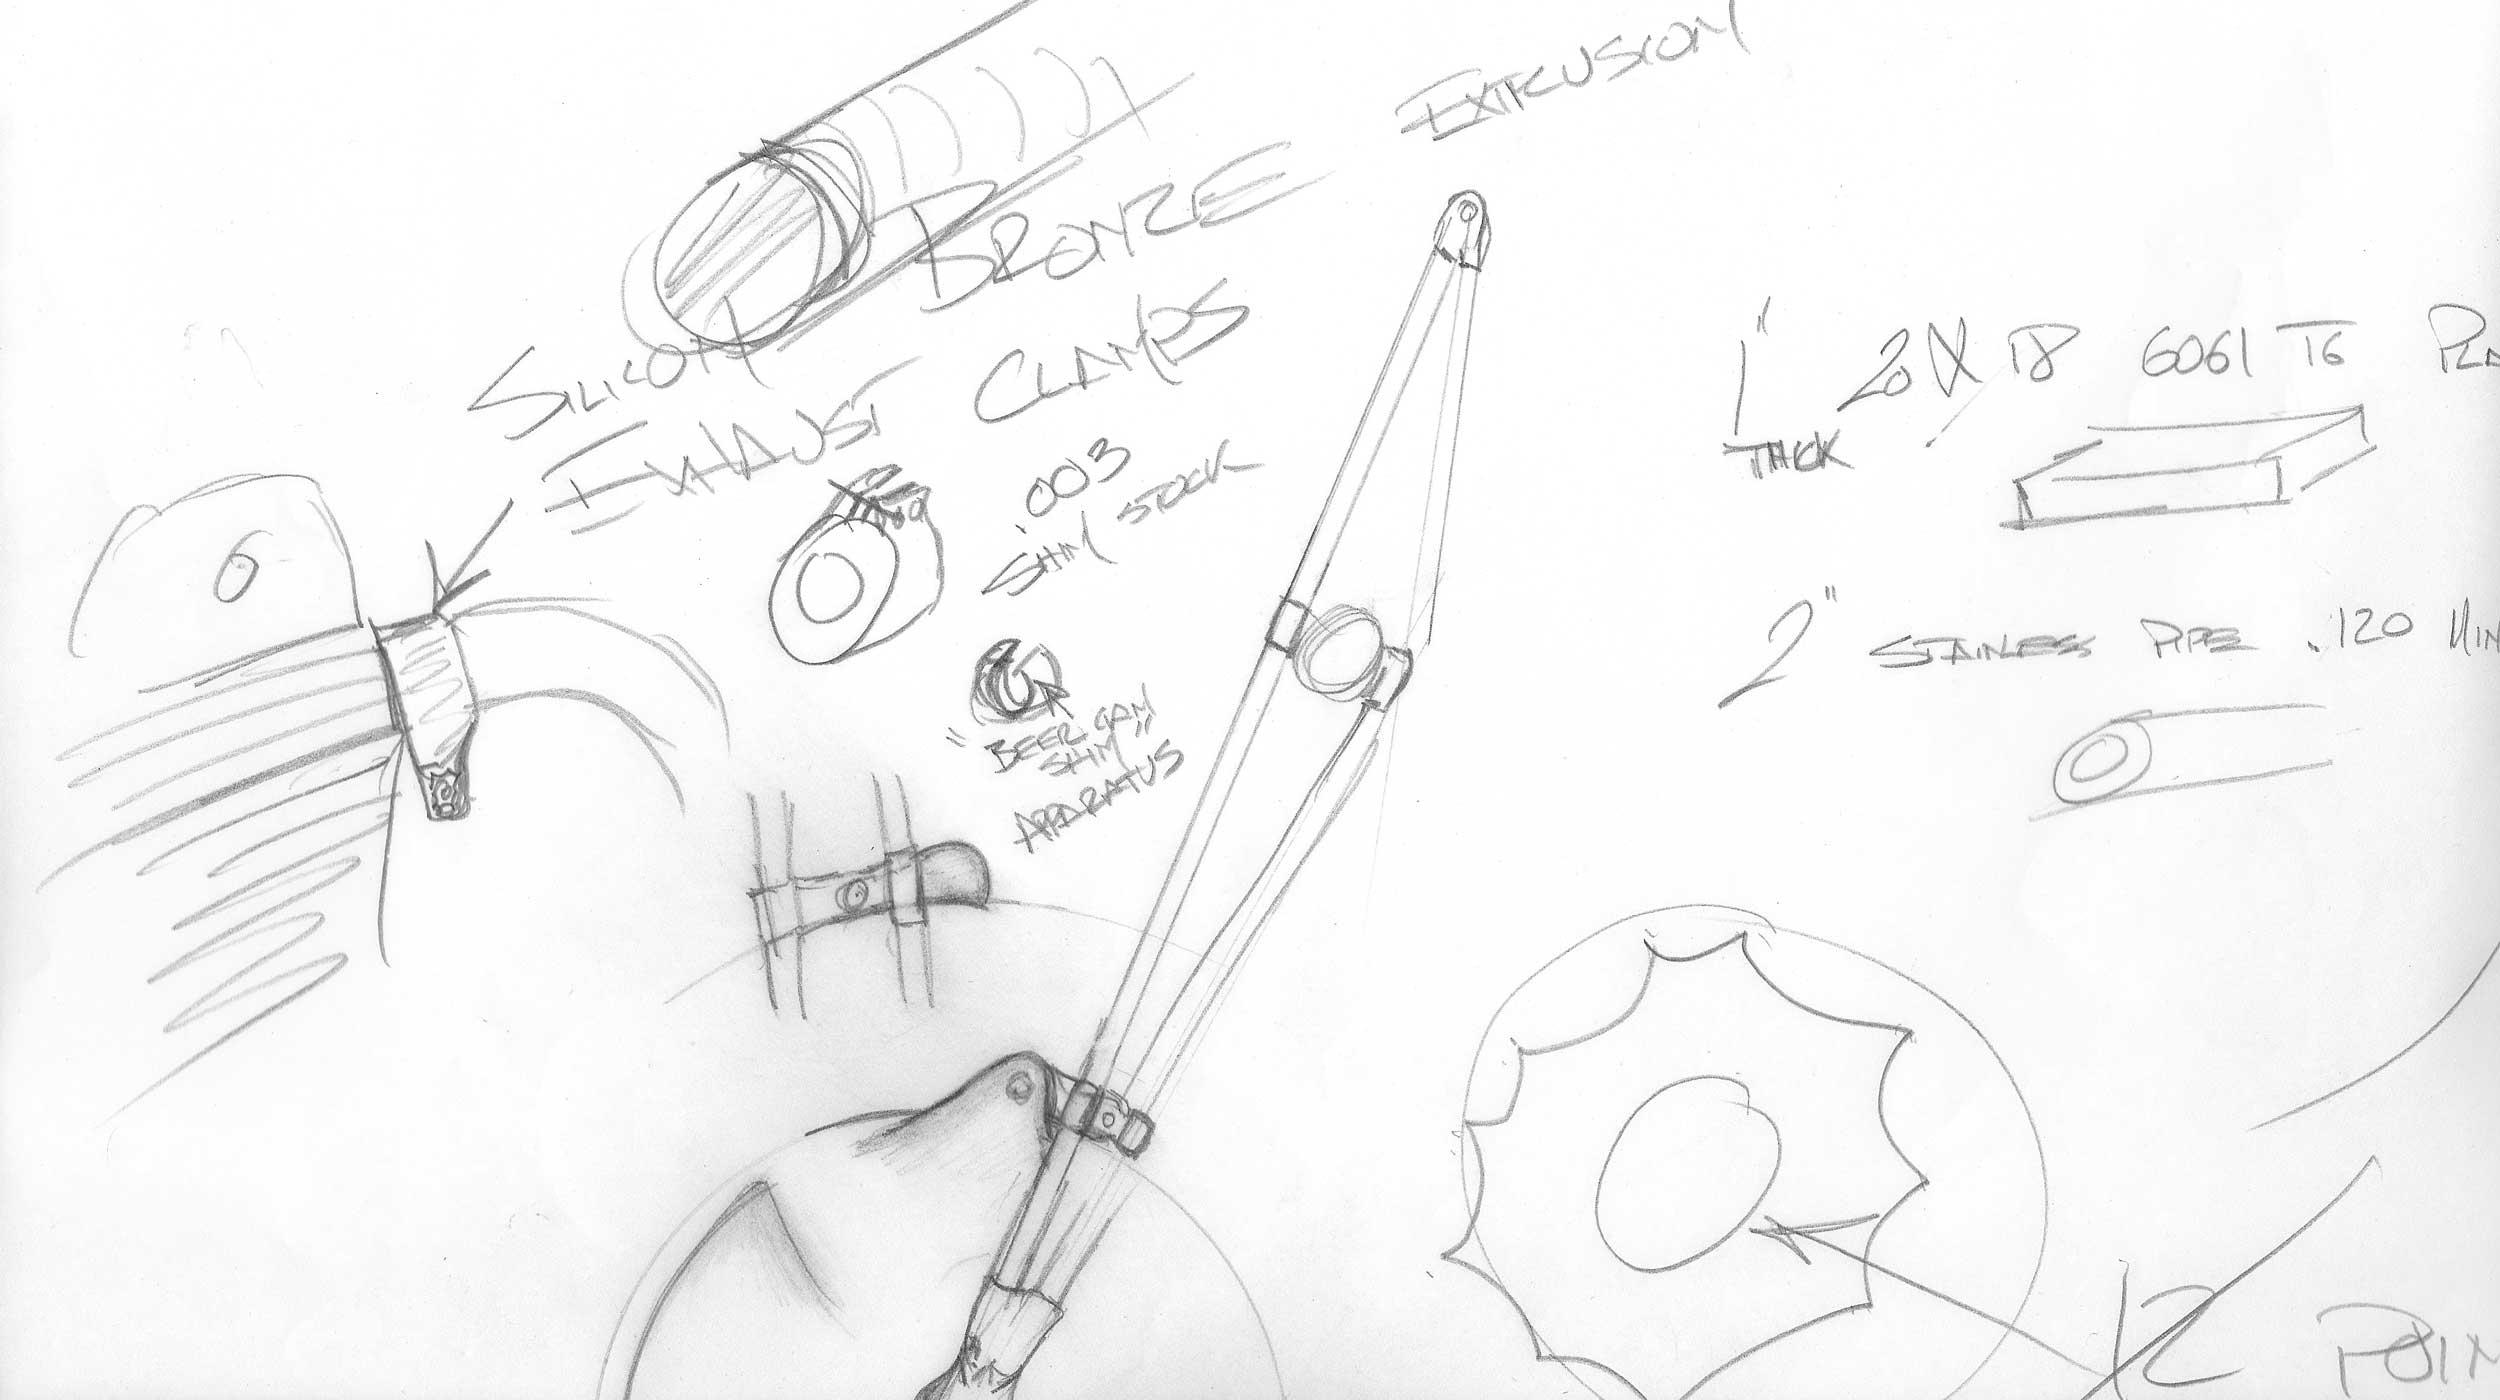 Bullet_sketches_4.jpg